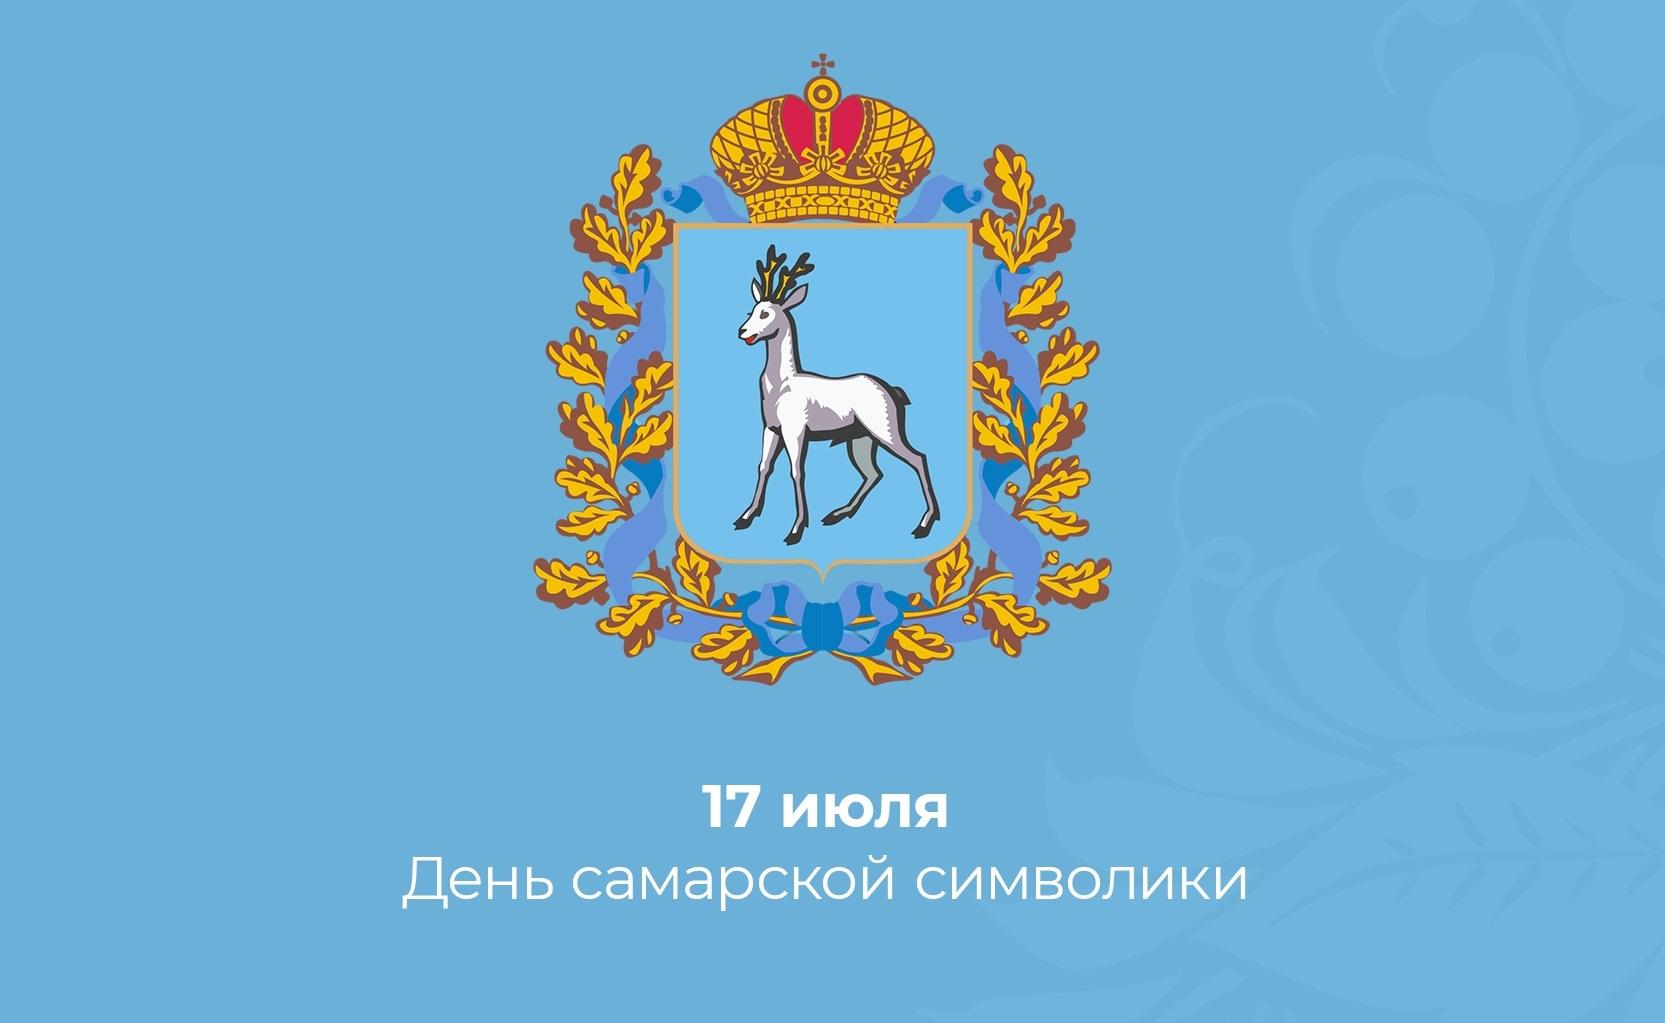 Козу меняли на козла: Сегодня отмечается День Самарской символики